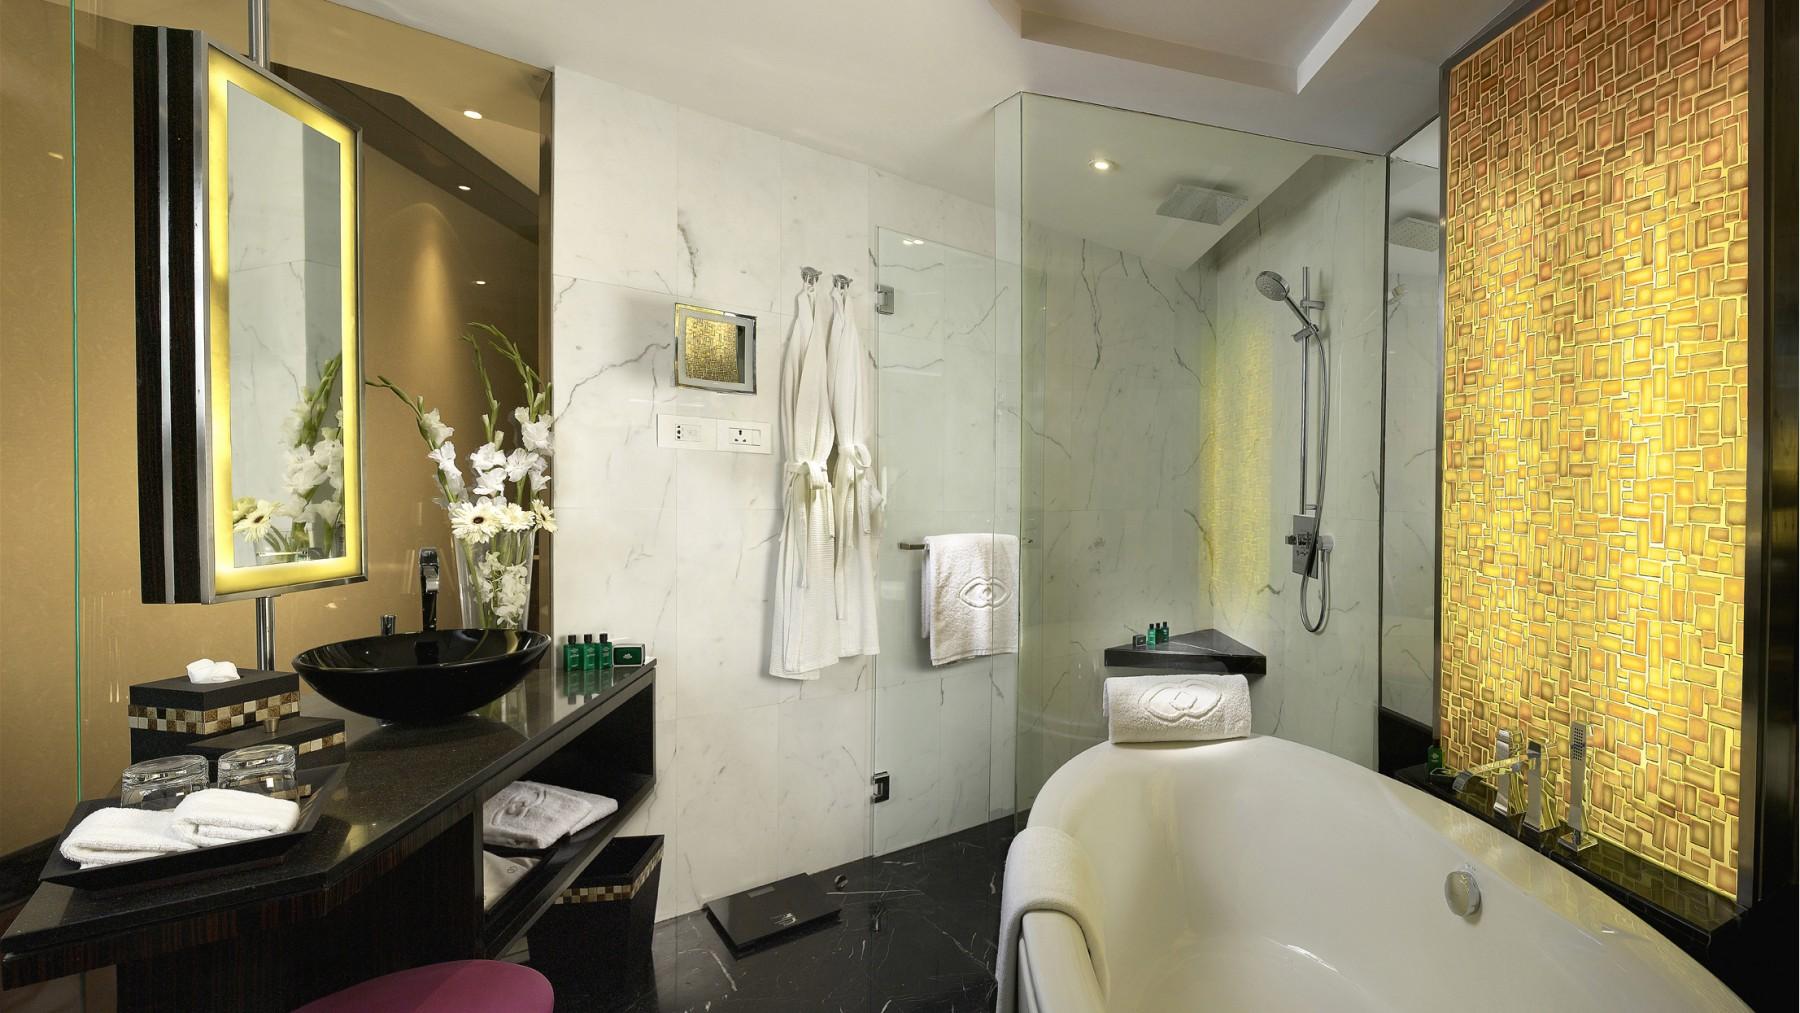 Sofitel-Mumbai-BKC-Luxury-Room-Bathroom.jpg